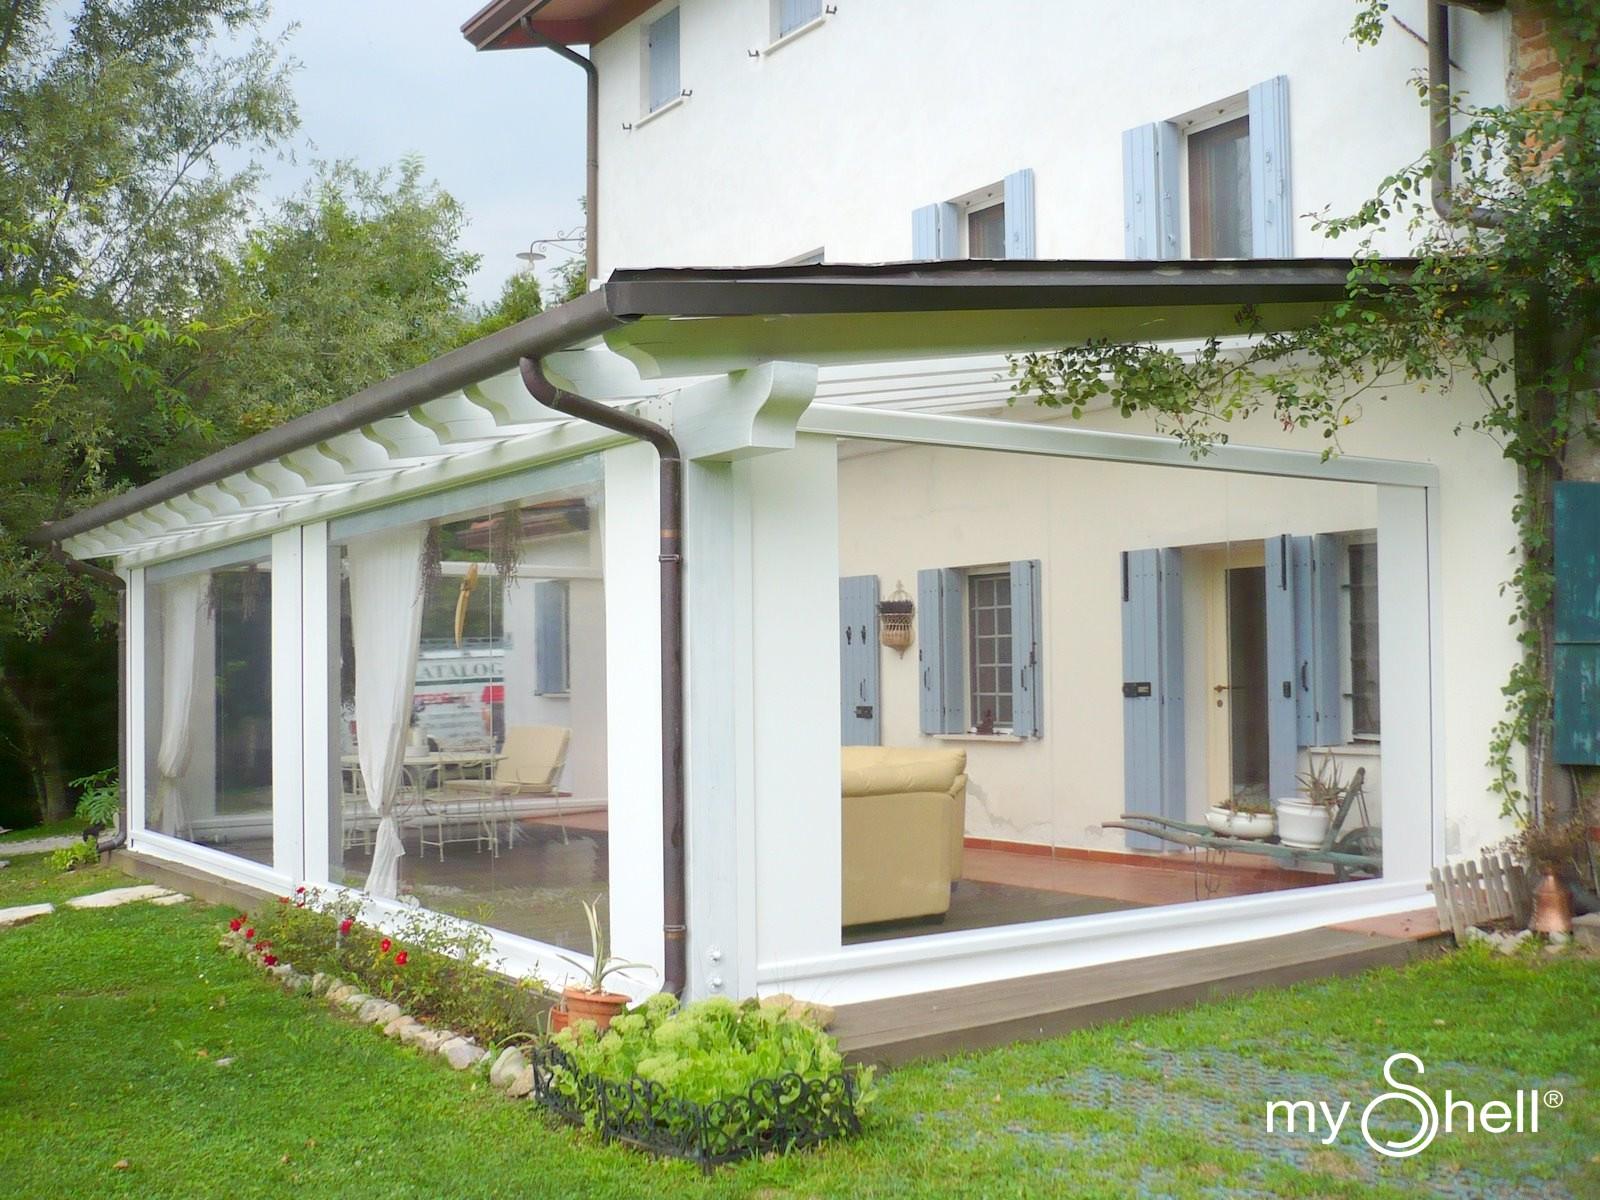 Tende per veranda esterna prezzi idee di design nella for Idee di veranda laterale